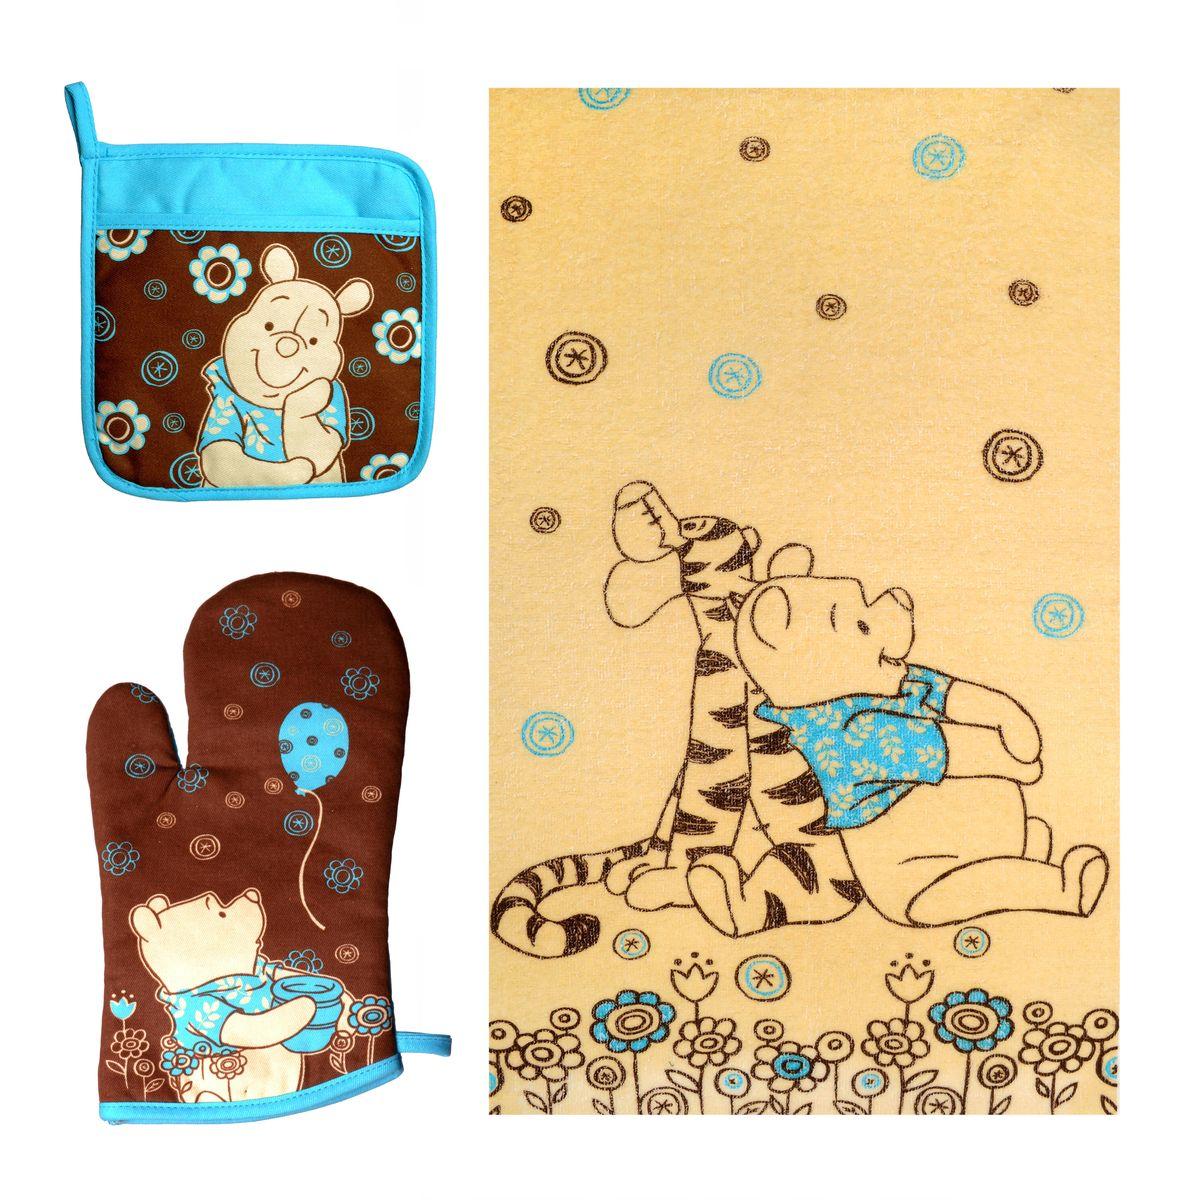 Набор для кухни Disney Winnie The Pooh, 3 предметаВетерок 2ГФНабор для кухни Disney Winnie The Pooh, выполненный из 100% хлопка, состоит из полотенца, прихватки с карманом, варежки. Предметы набора оформлены изображением Винни Пуха и красивыми узорами. Прихватку и рукавицу можно подвешивать благодаря имеющимся на них петелькам. Такой набор - отличный вариант для практичной и современной молодой хозяйки.Размер полотенца: 37 см х 62 см.Размер прихватки: 18 см х 18 см.Размер варежки: 17 см х 28 см.